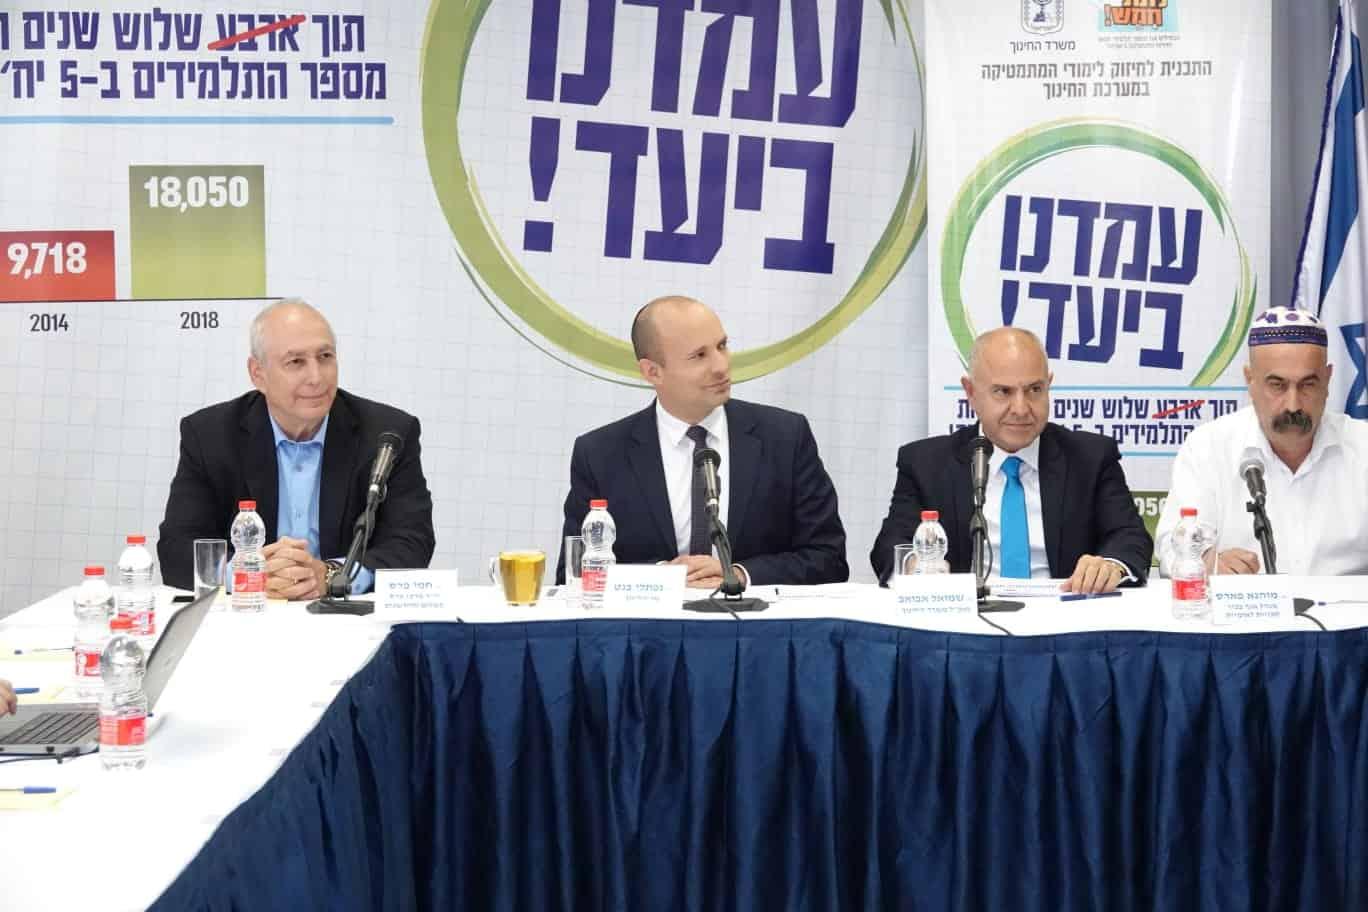 מסיבת העיתונאים של משרד החינוך, צילום: דוברות משרד החינוך